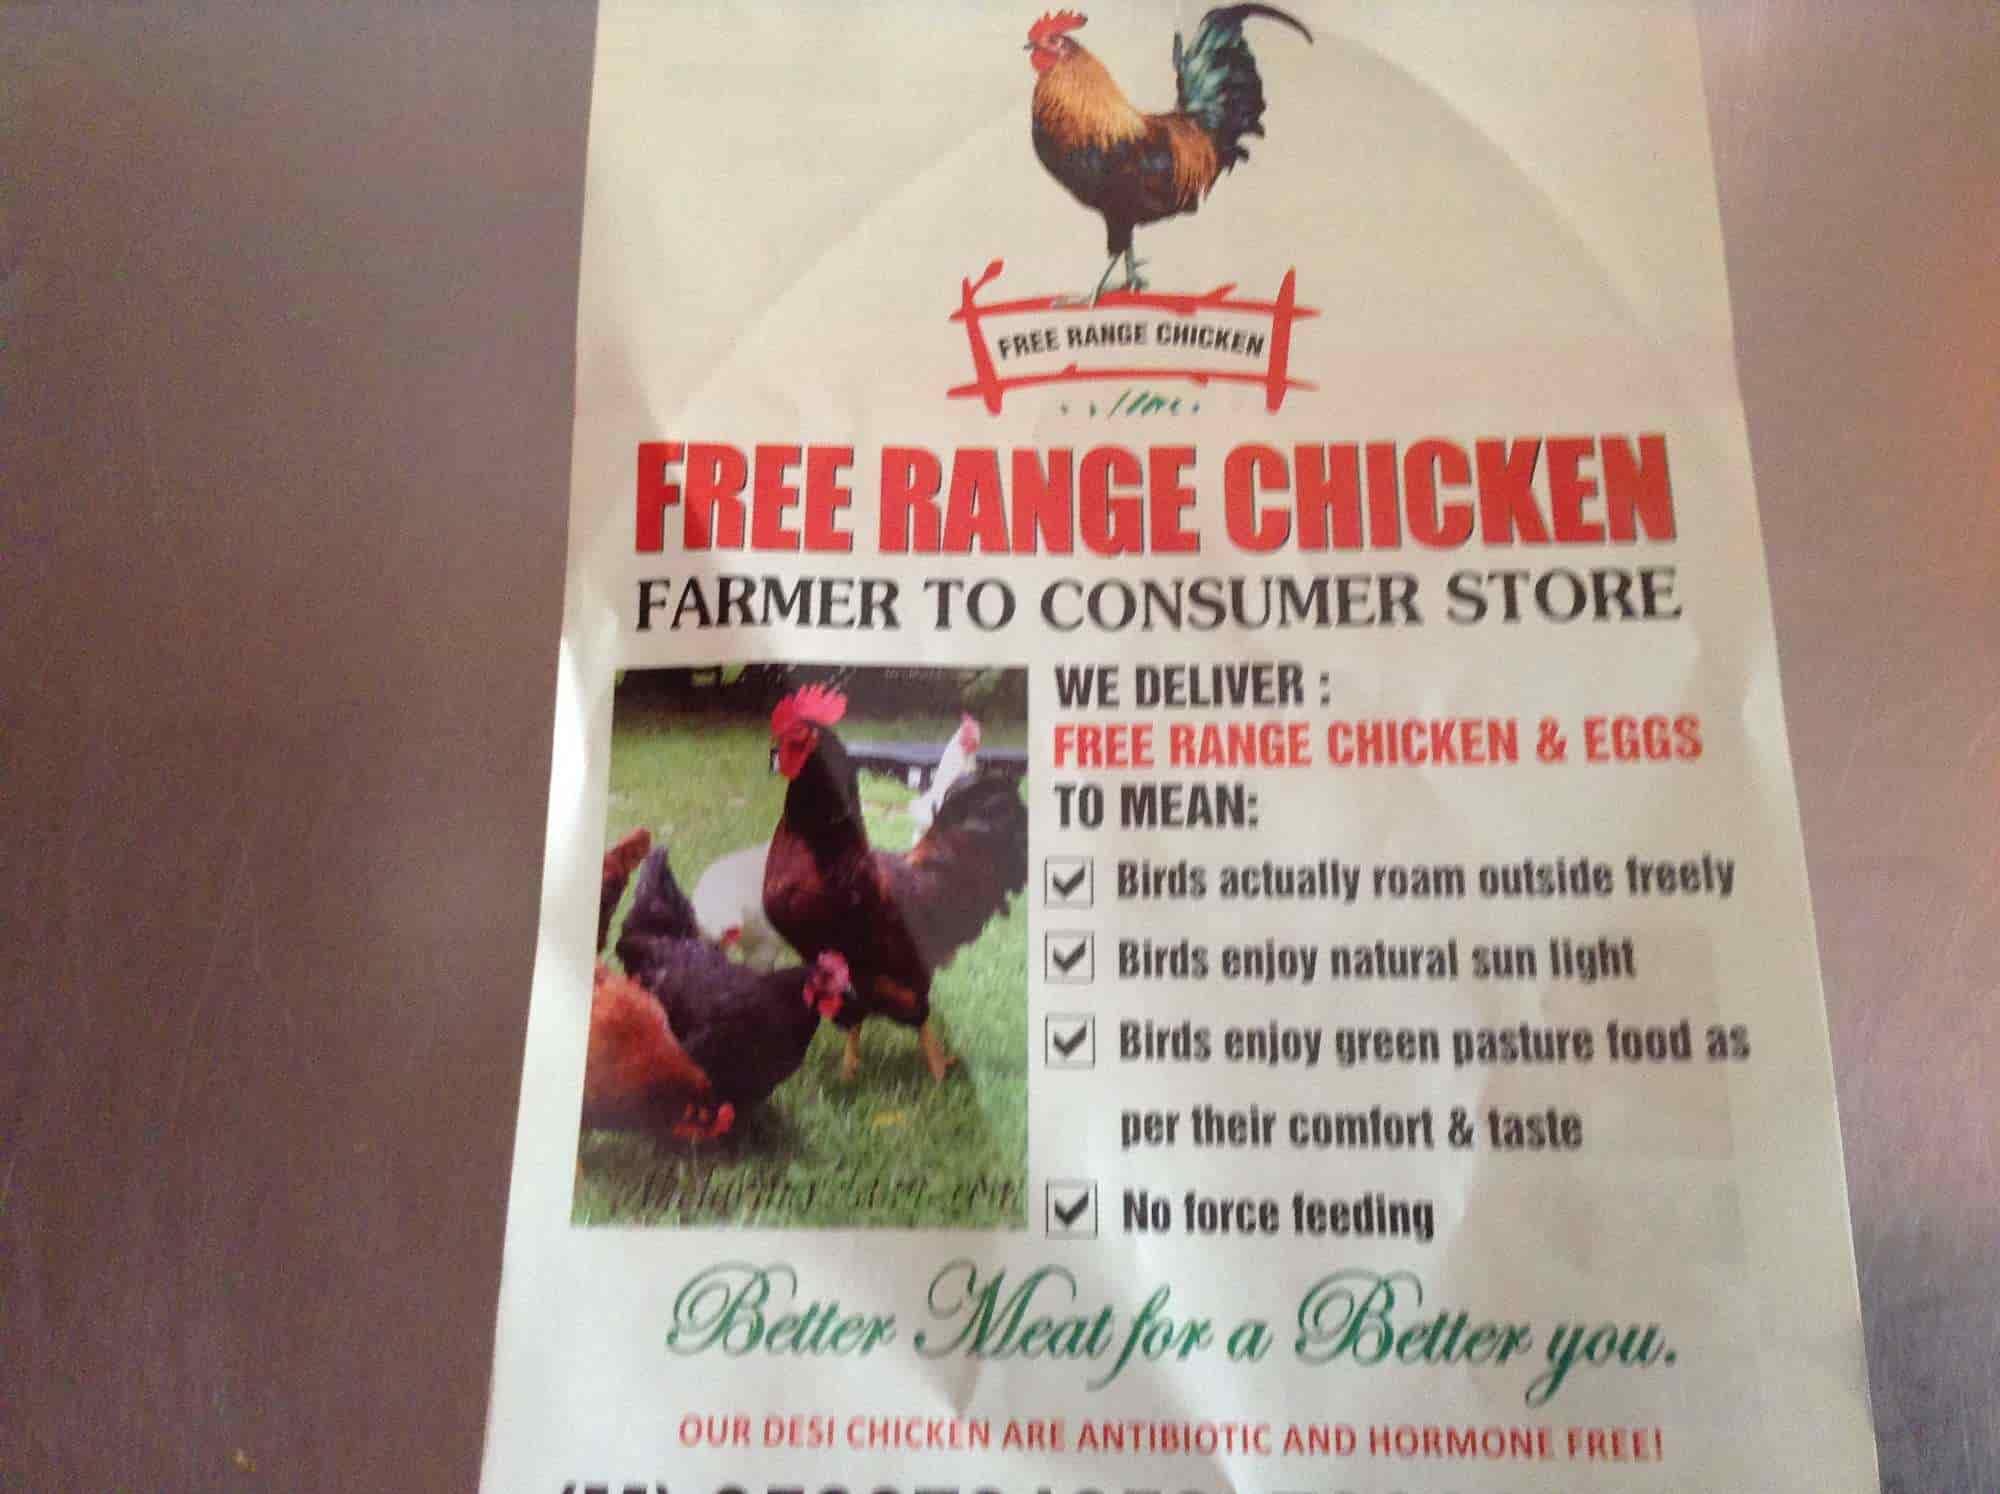 Free Range Chicken And Mutton, Mohali Sas Nagar, Chandigarh